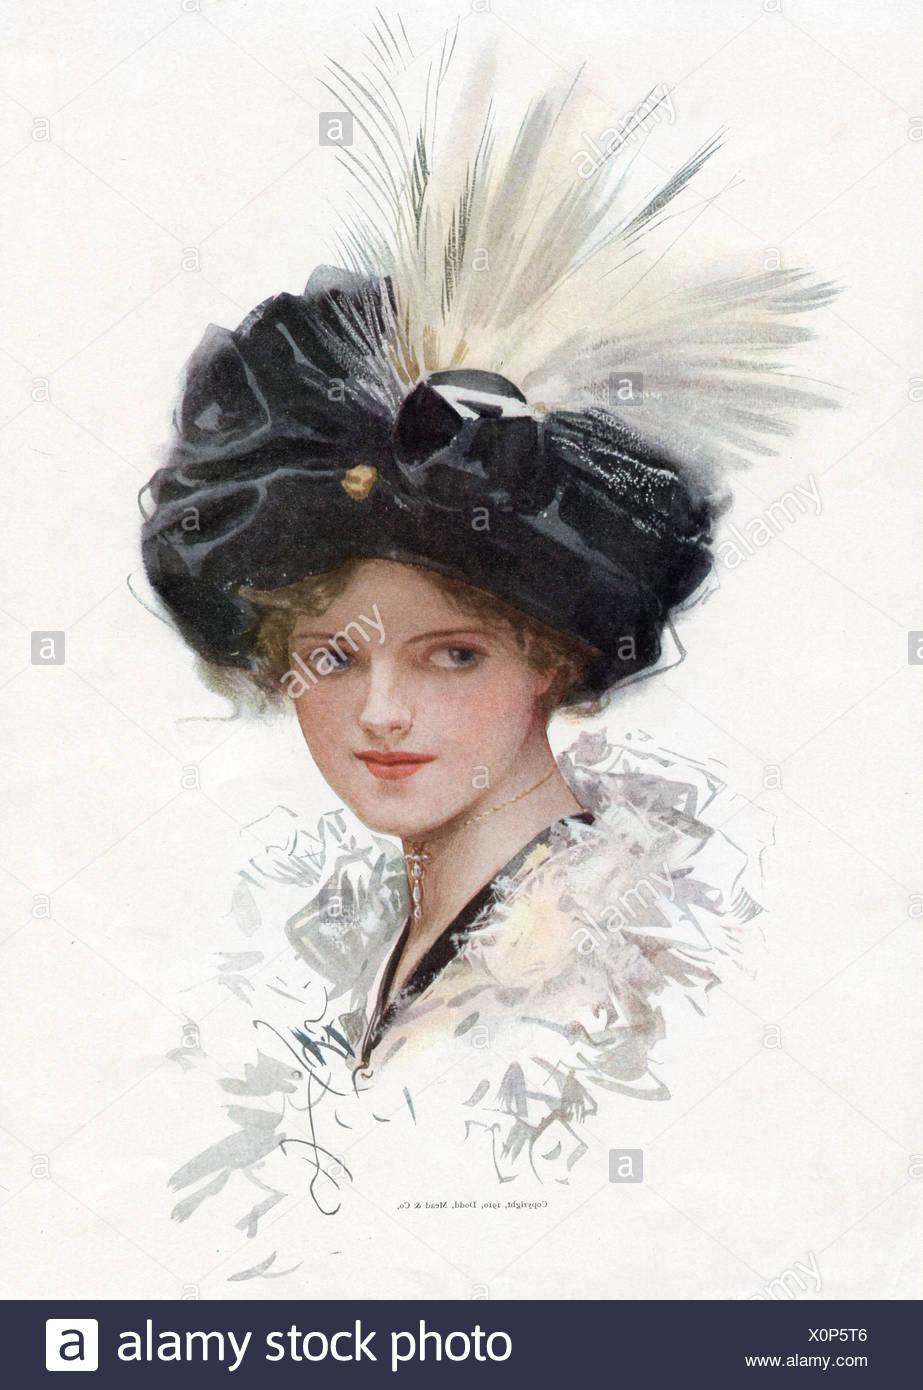 Retrato de una dama decorativa con sombrero de plumas en blanco y negro  Imagen De Stock c7447d4422cb